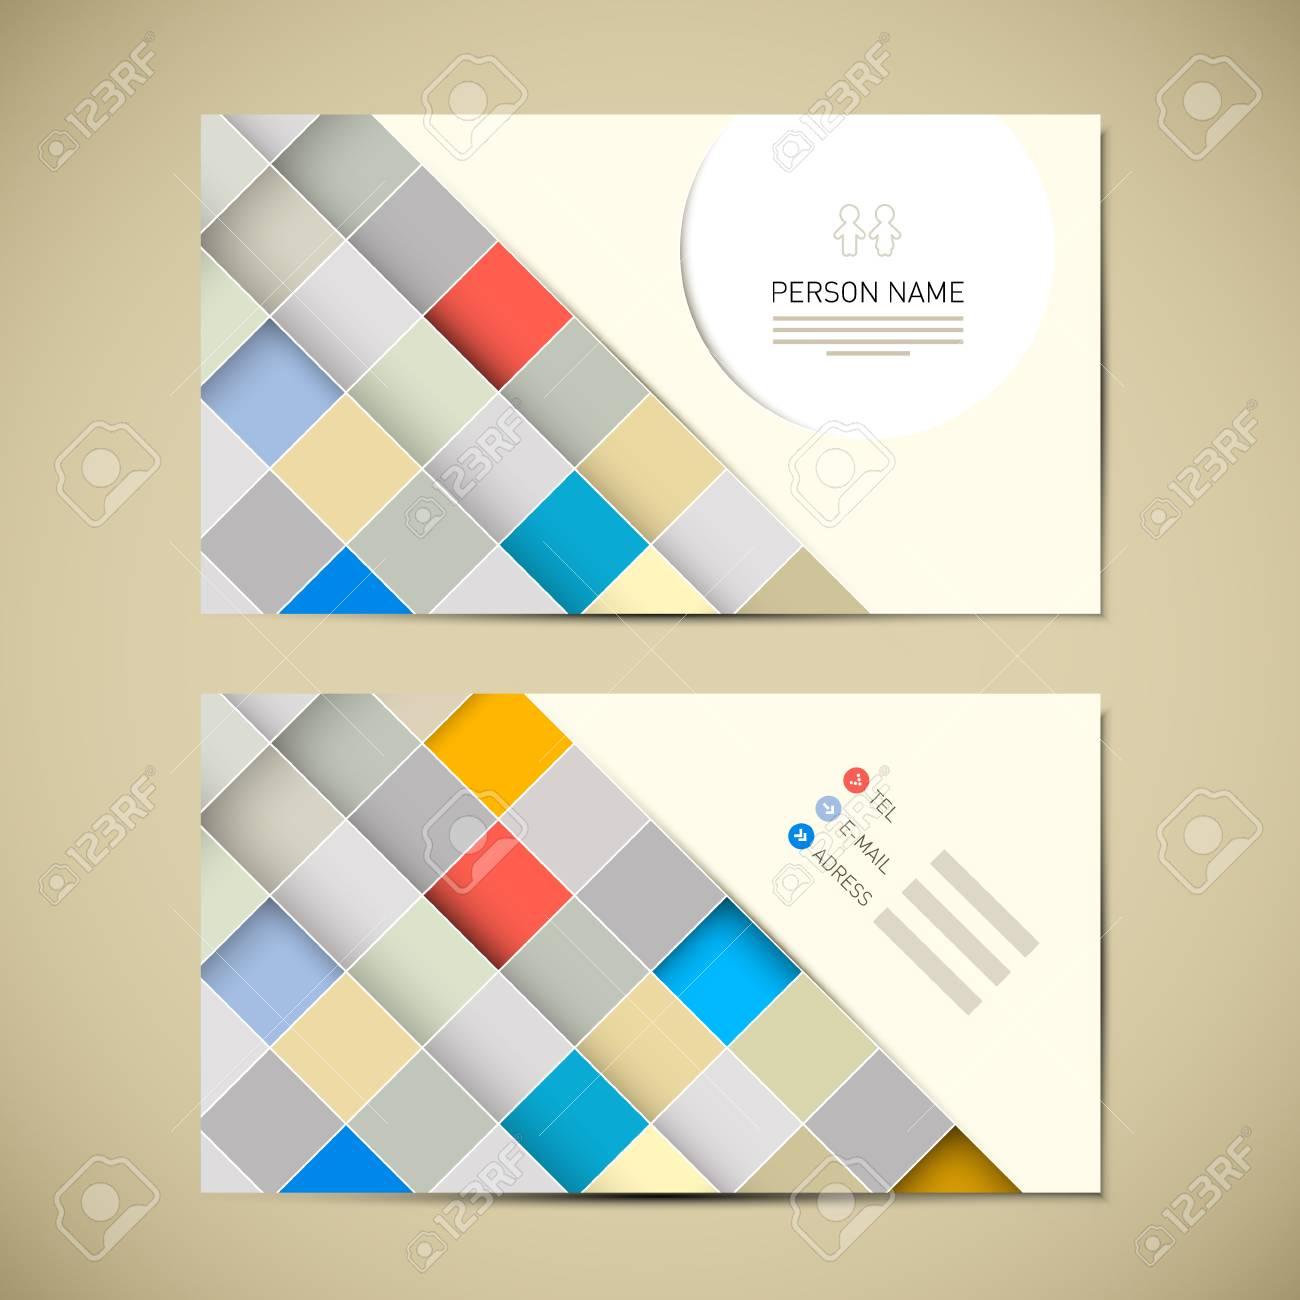 Modele Retro Papier Carte De Visite Clip Art Libres Droits